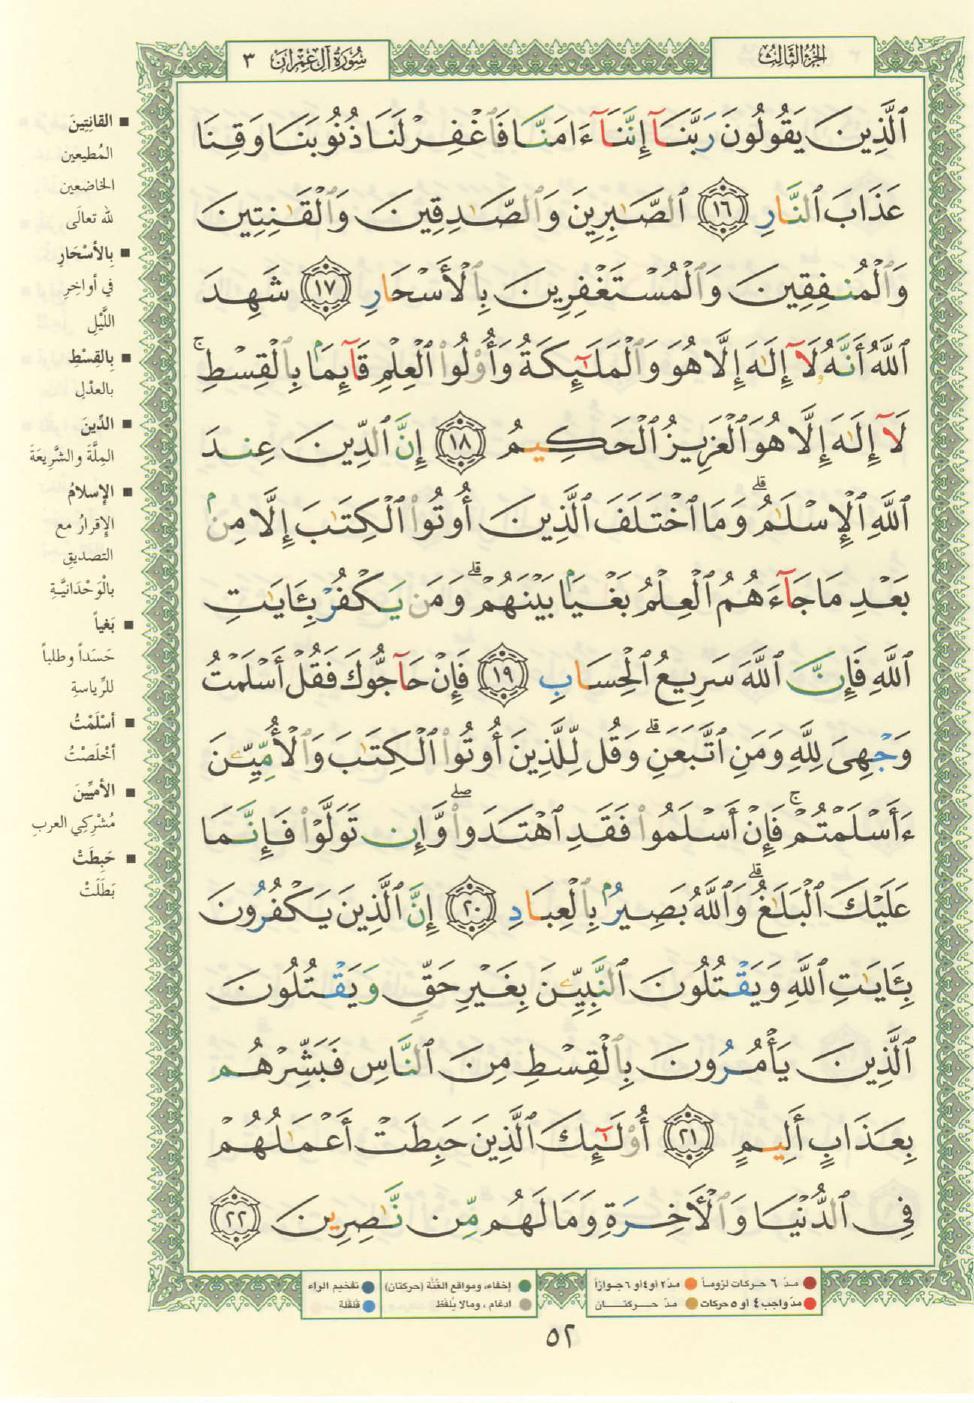 3. سورة آل عمران - Al-Imran مصورة من المصحف الشريف Quran_tajwid_000061